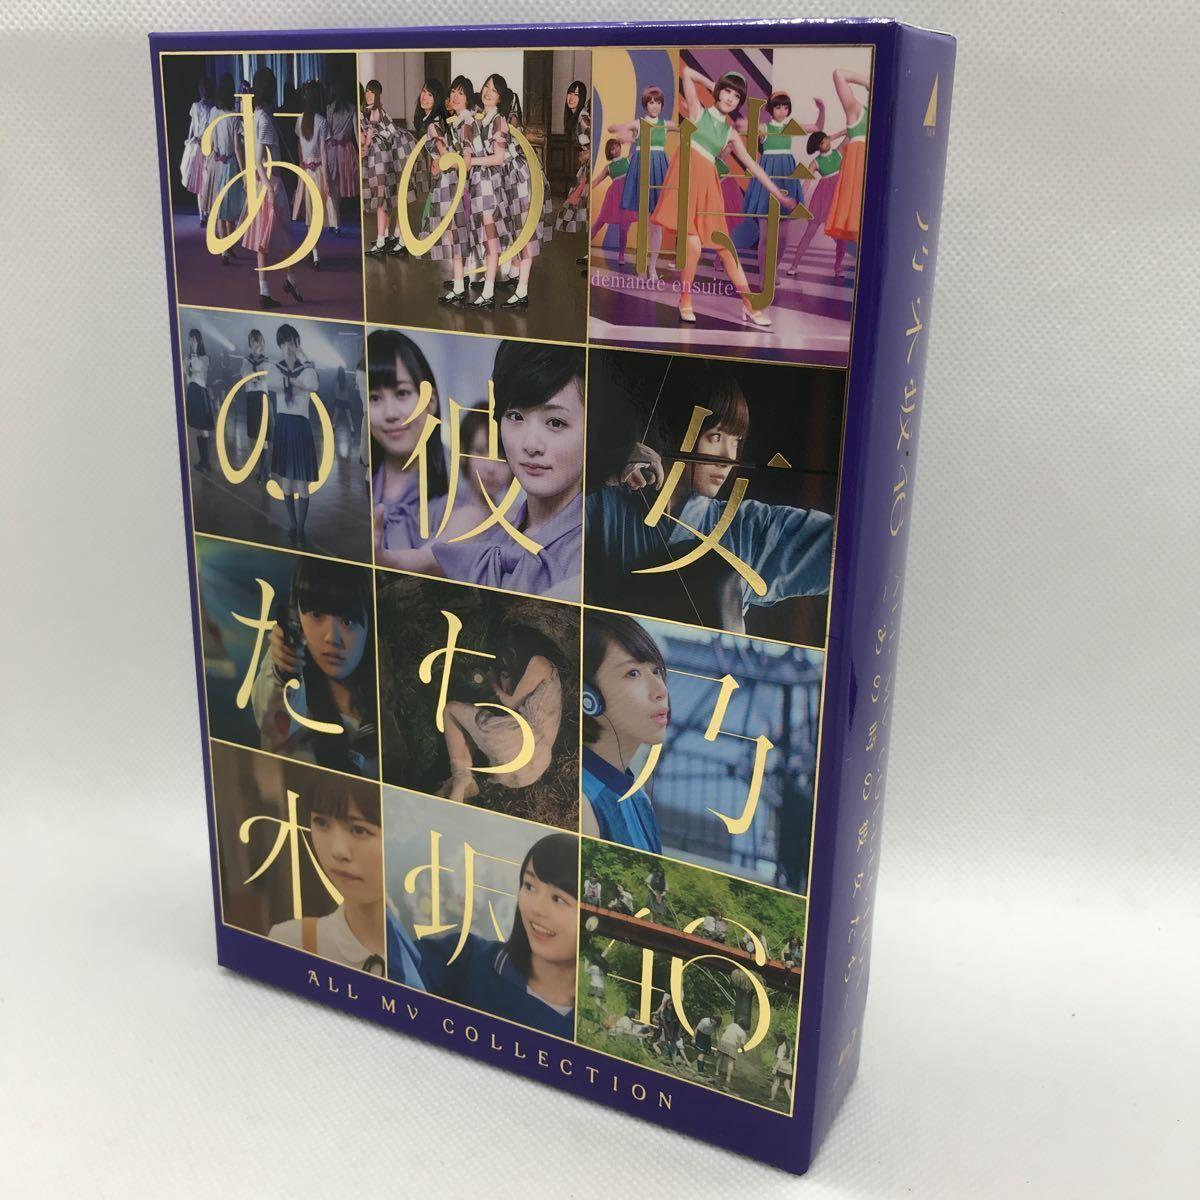 乃木坂46 ALL MV COLLECTION ~あの時の彼女たち~ 完全生産限定盤 Blu-ray 4枚組_画像1